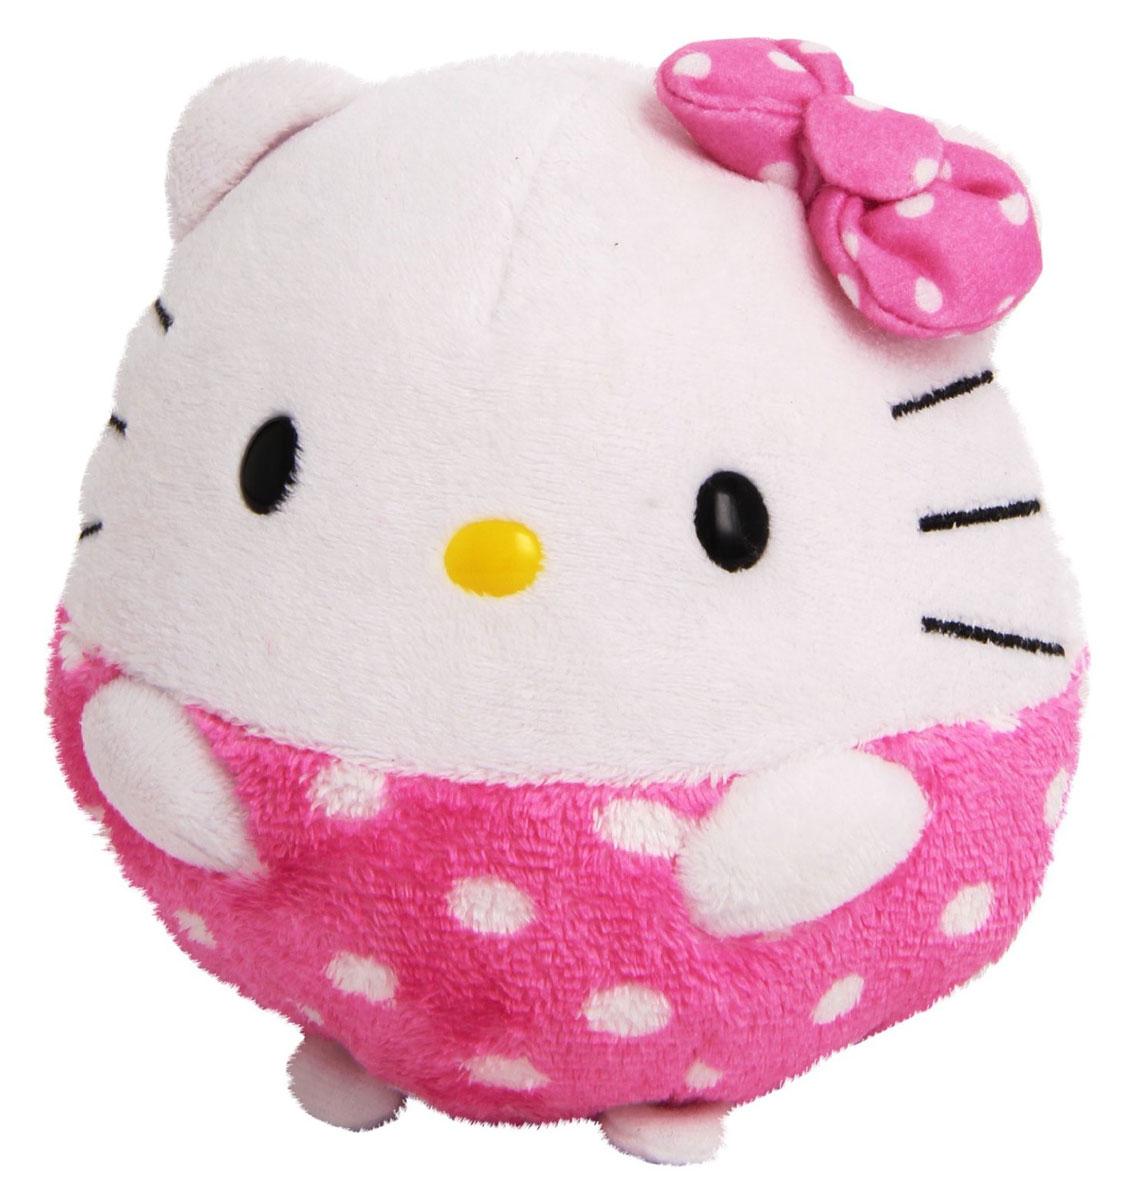 TY Мягкая игрушка Hello Kitty 20 см38530-noМягкая игрушка Hello Kitty обязательно вызовет положительные эмоции и улыбку у каждого. Игрушка изготовлена из безопасных, приятных на ощупь материалов в виде бело-розовой кошечки Китти. Игрушка выполнена в виде мячика. Гранулы из пластика, используемые при набивке игрушки, способствуют развитию мелкой моторики рук ребенка. Симпатичная игрушка будет радовать вашего ребенка, а также способствовать полноценному и гармоничному развитию его личности. Великолепное качество исполнения делают эту игрушку чудесным подарком к любому празднику, как для ребенка, так и взрослого человека!